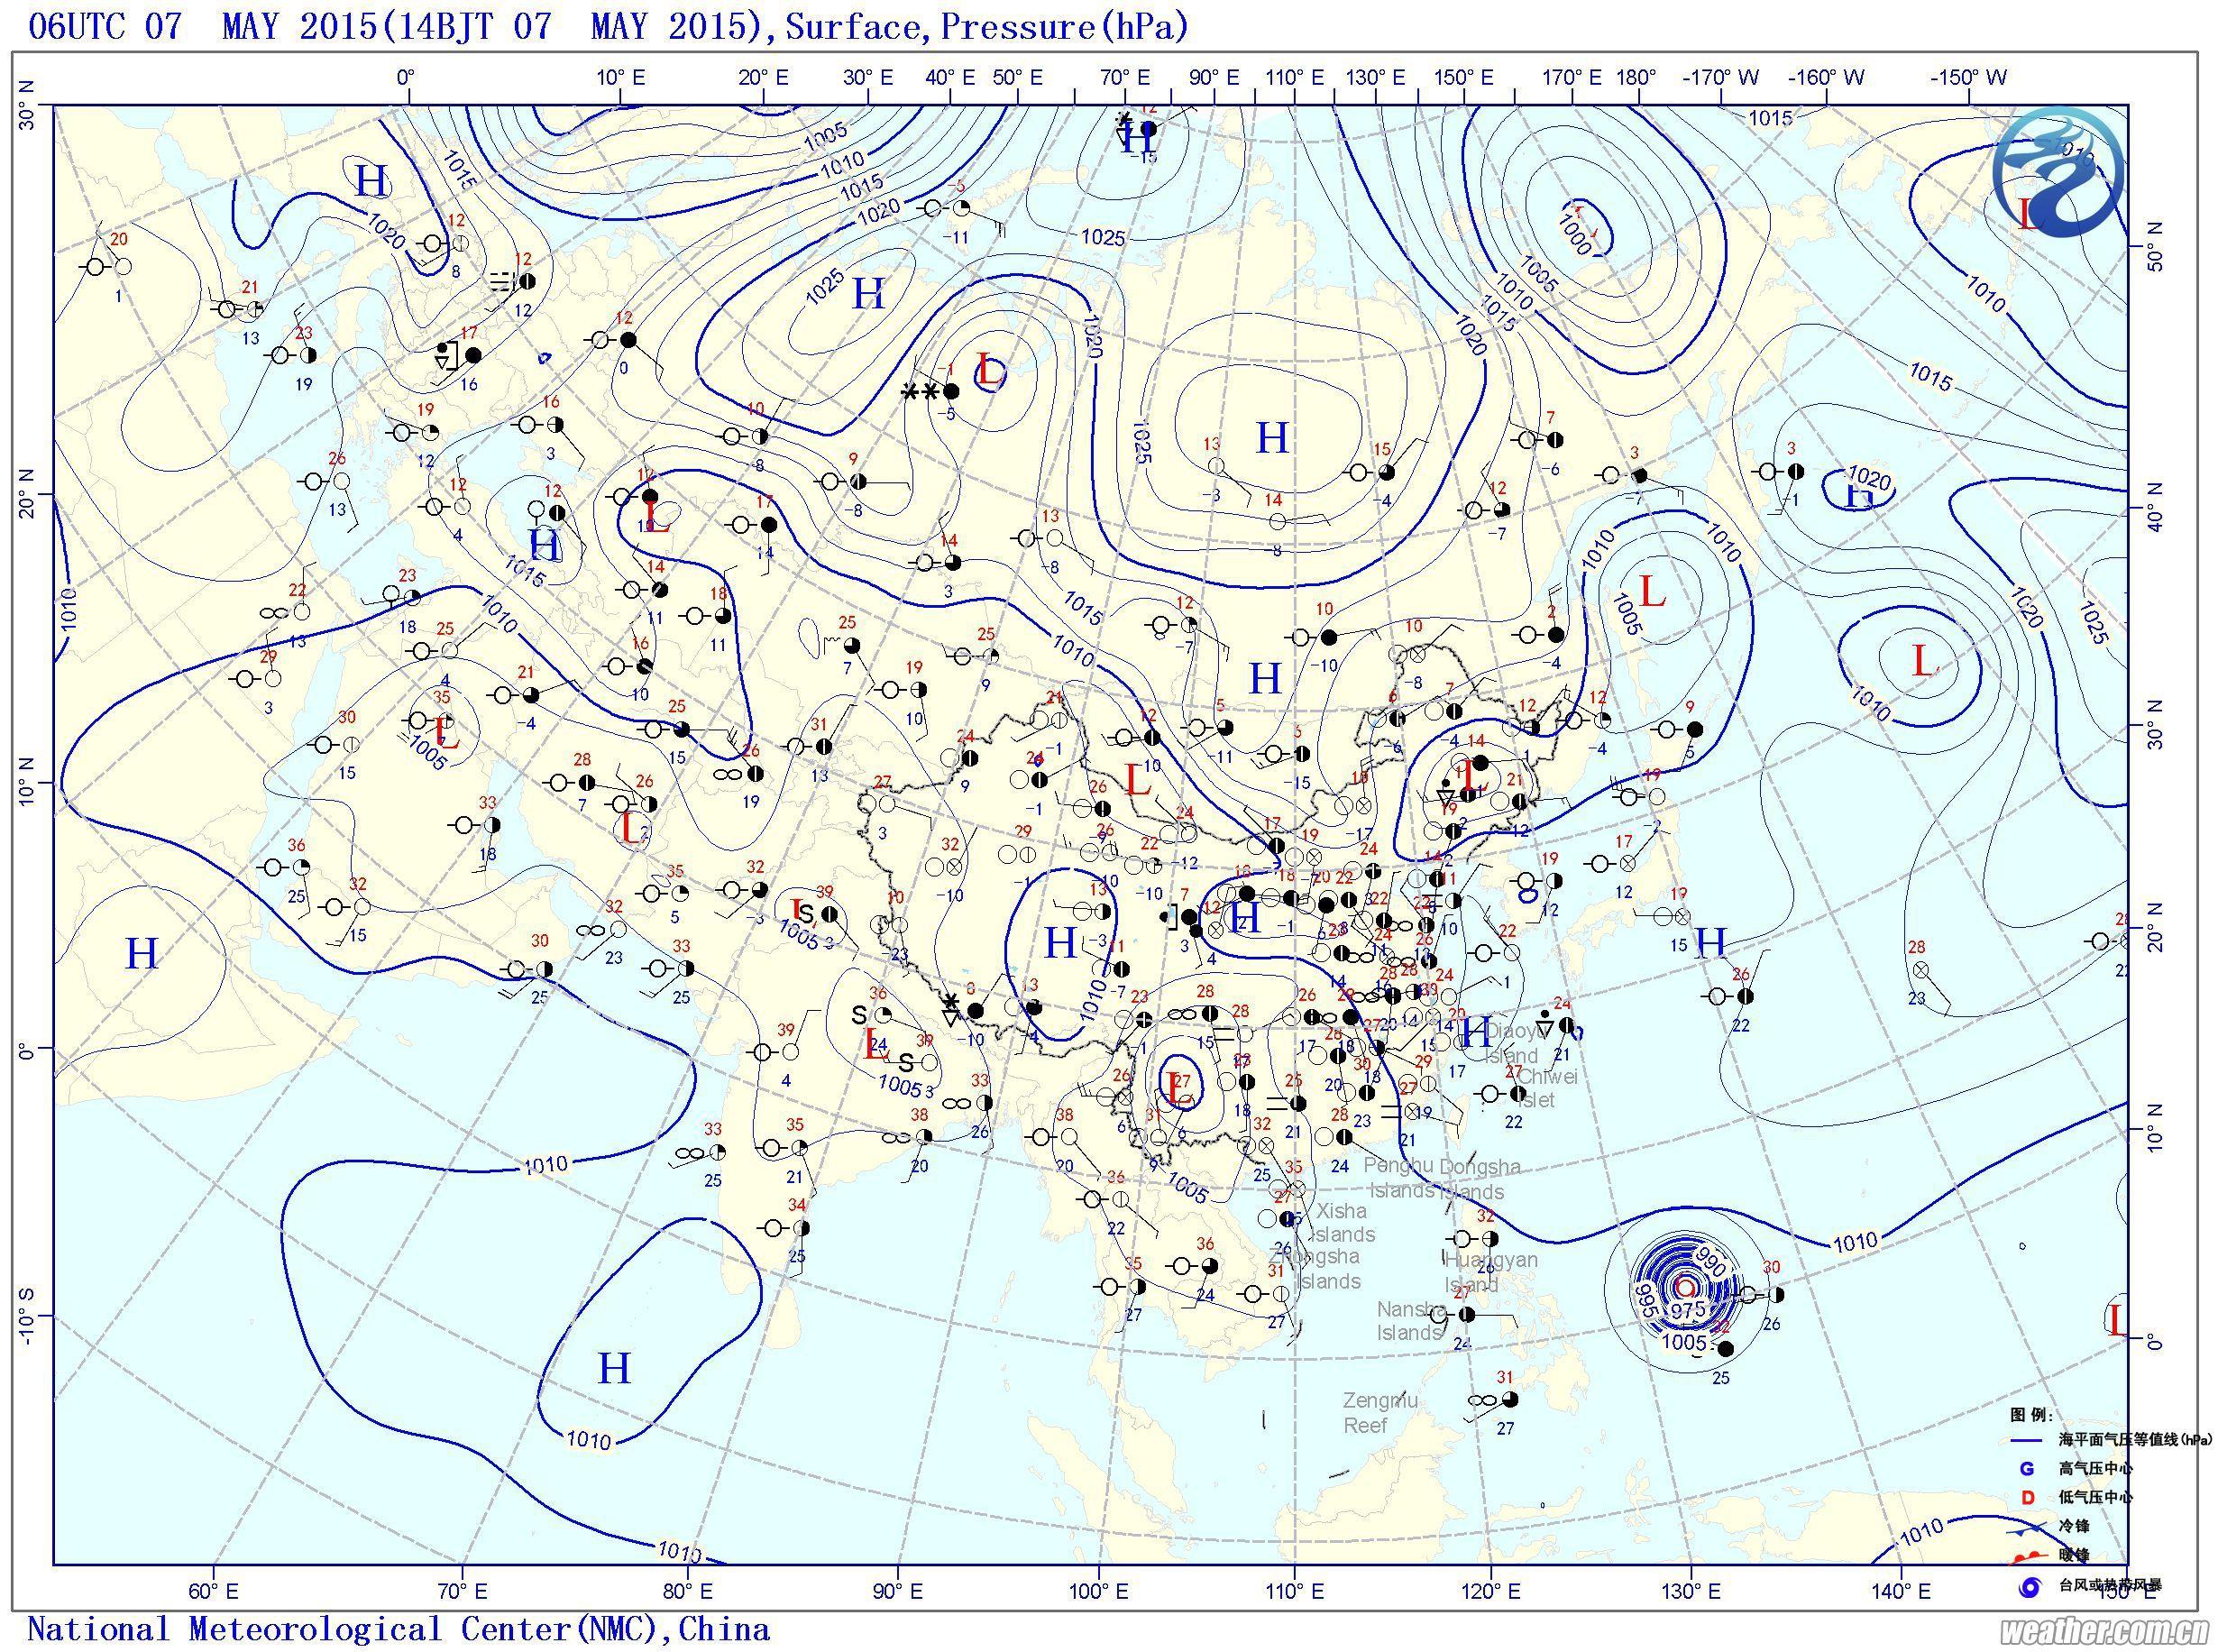 5月7日14时修正海平面气压图图片